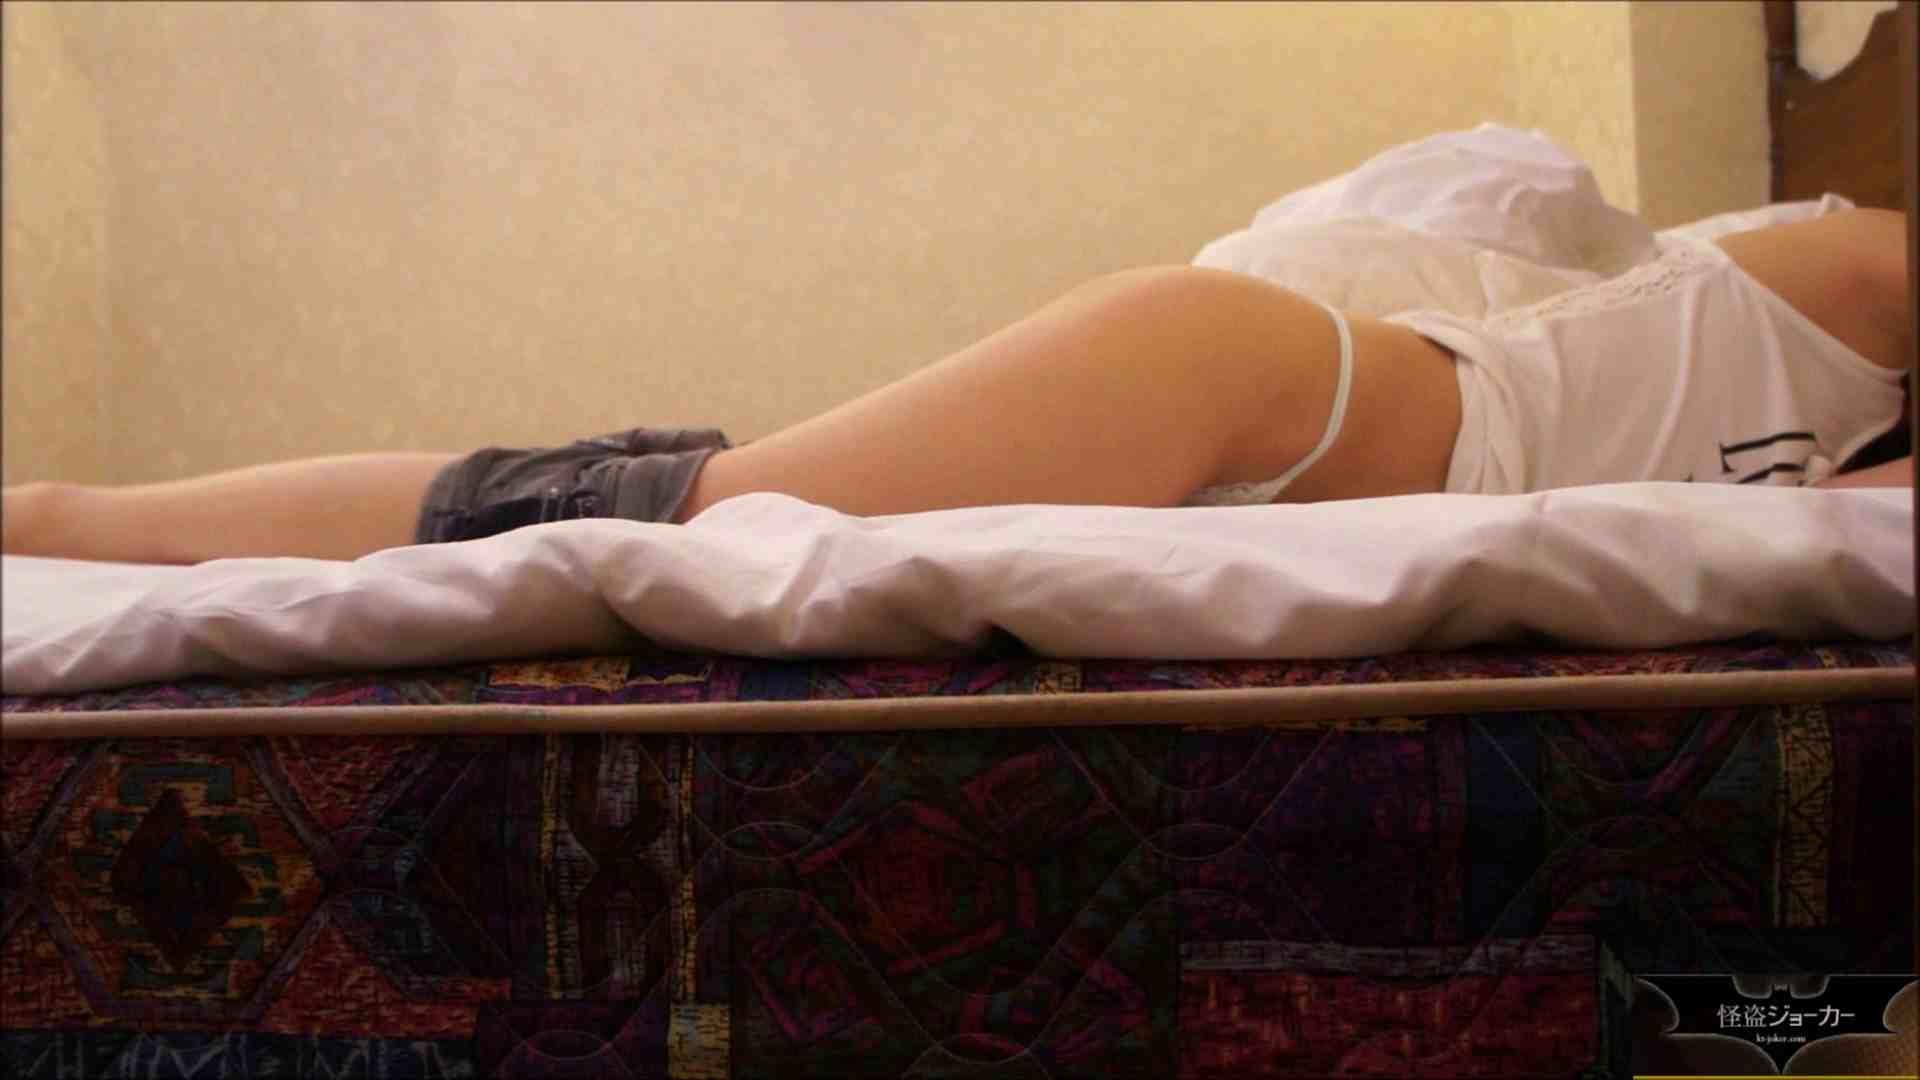 【未公開】vol.11 【美人若妻】早苗さん・・・誘われた夜。 ラブホテル 戯れ無修正画像 52画像 42